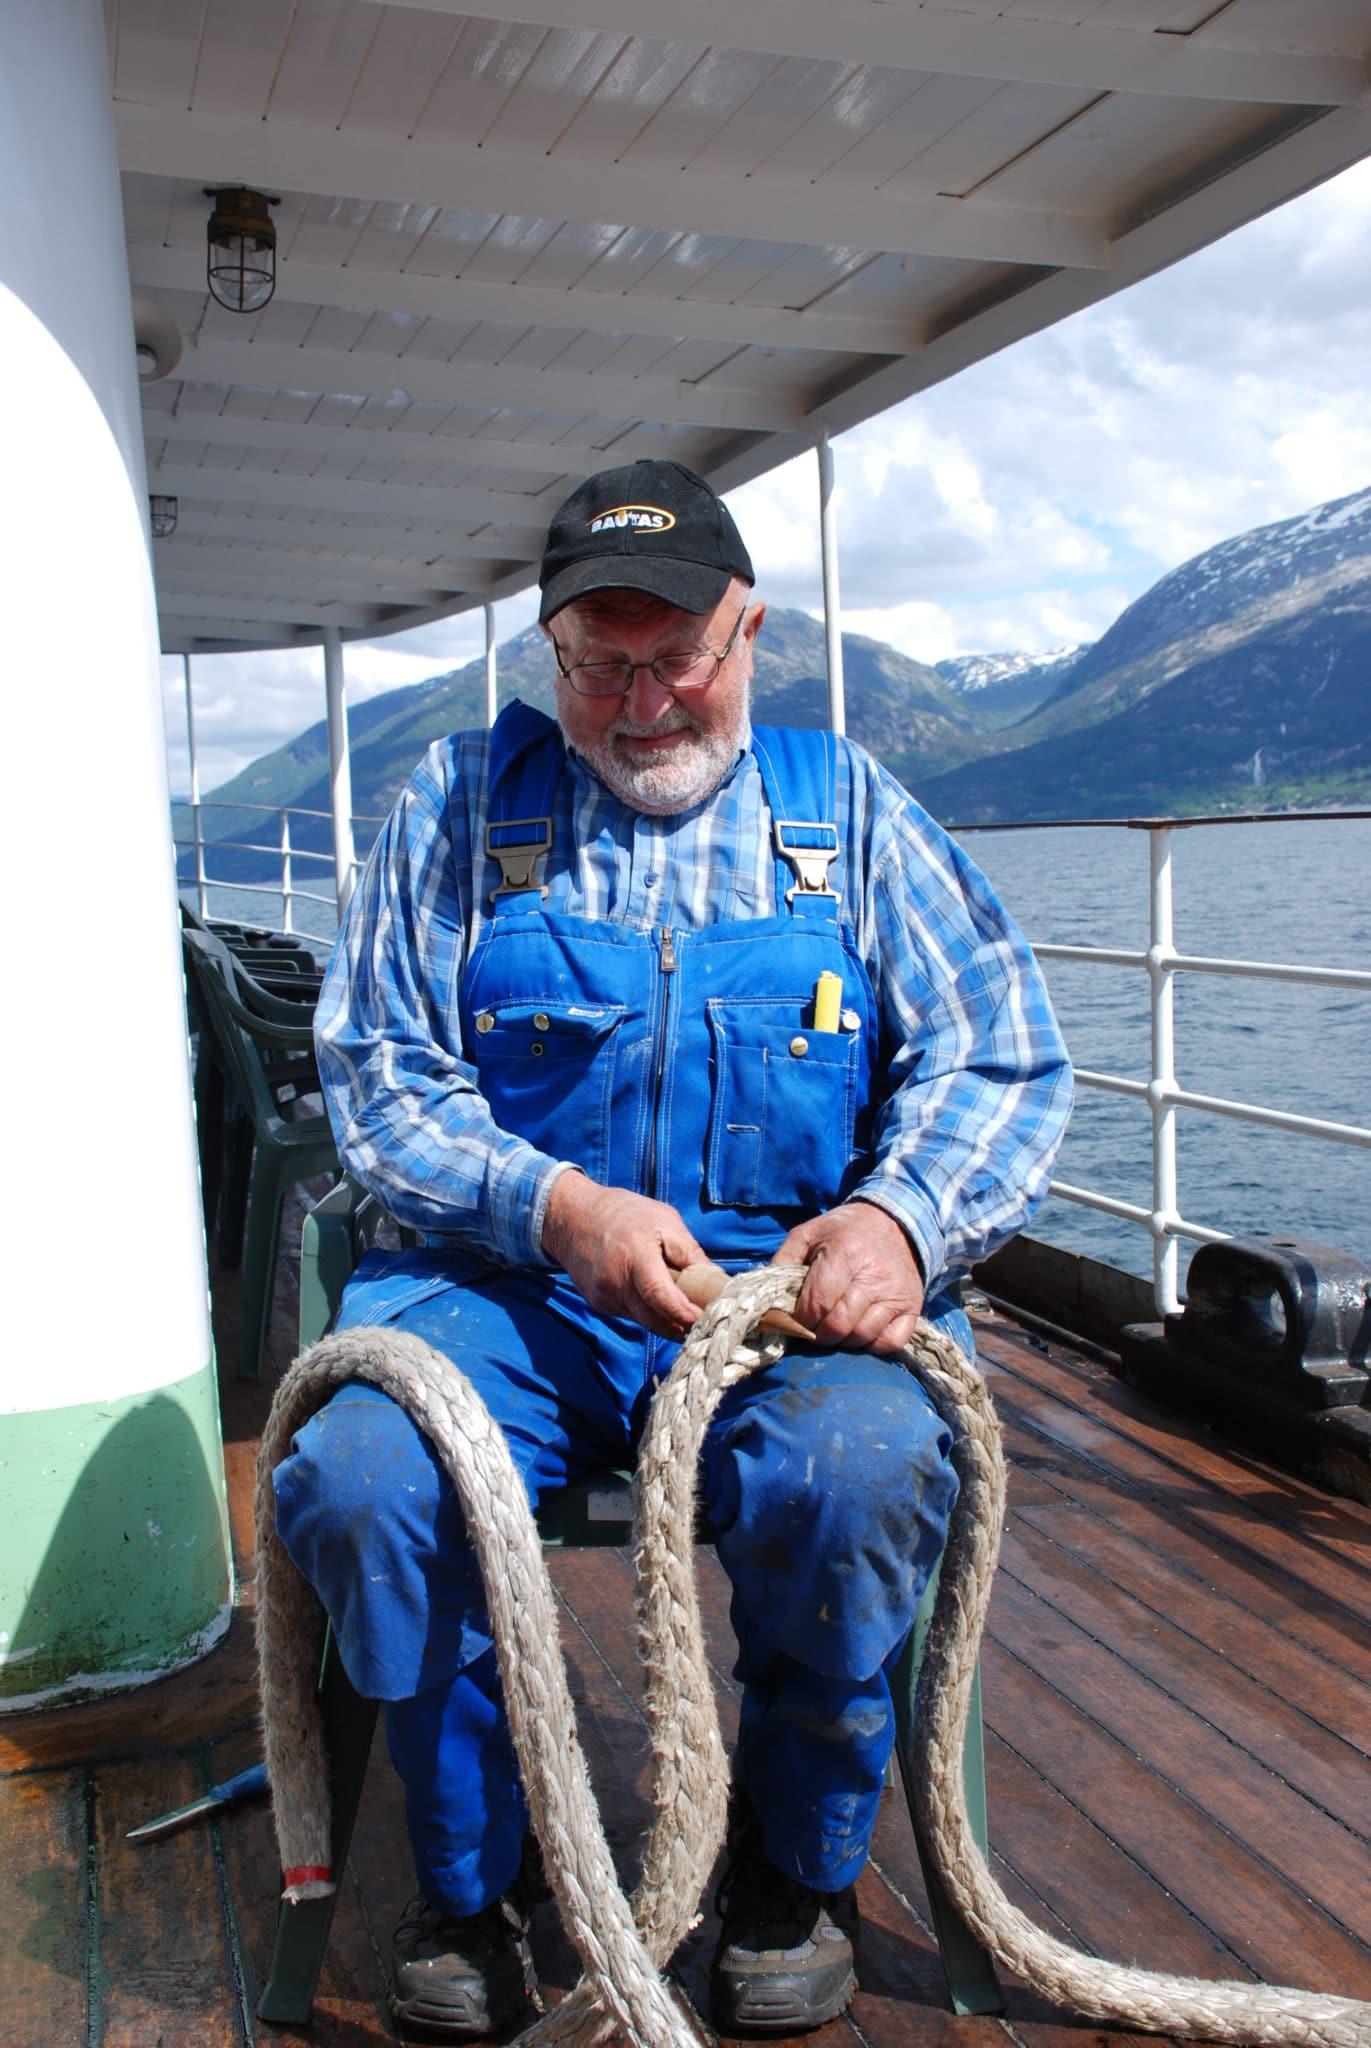 Frivillige reparerer tauverk. Foto: Harald Sætre